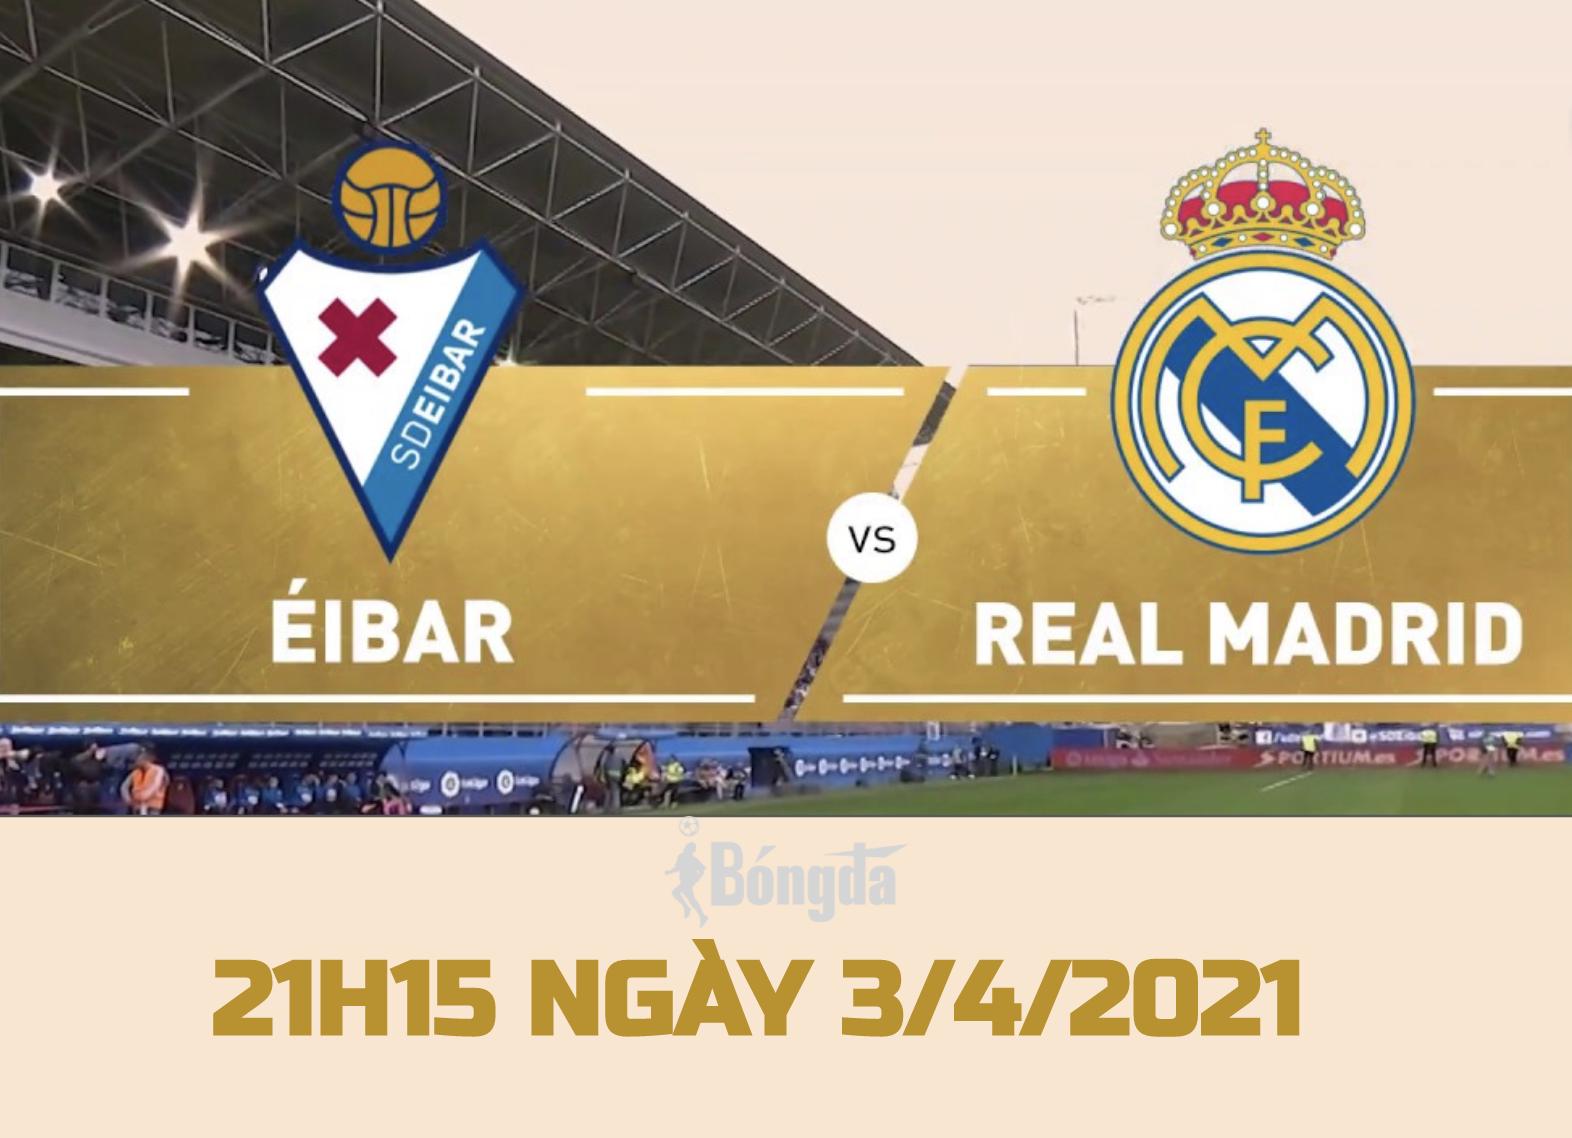 Nhận định trận đấu La Liga ngày 3/4: Real Madrid chạm trán đối thủ Eibar